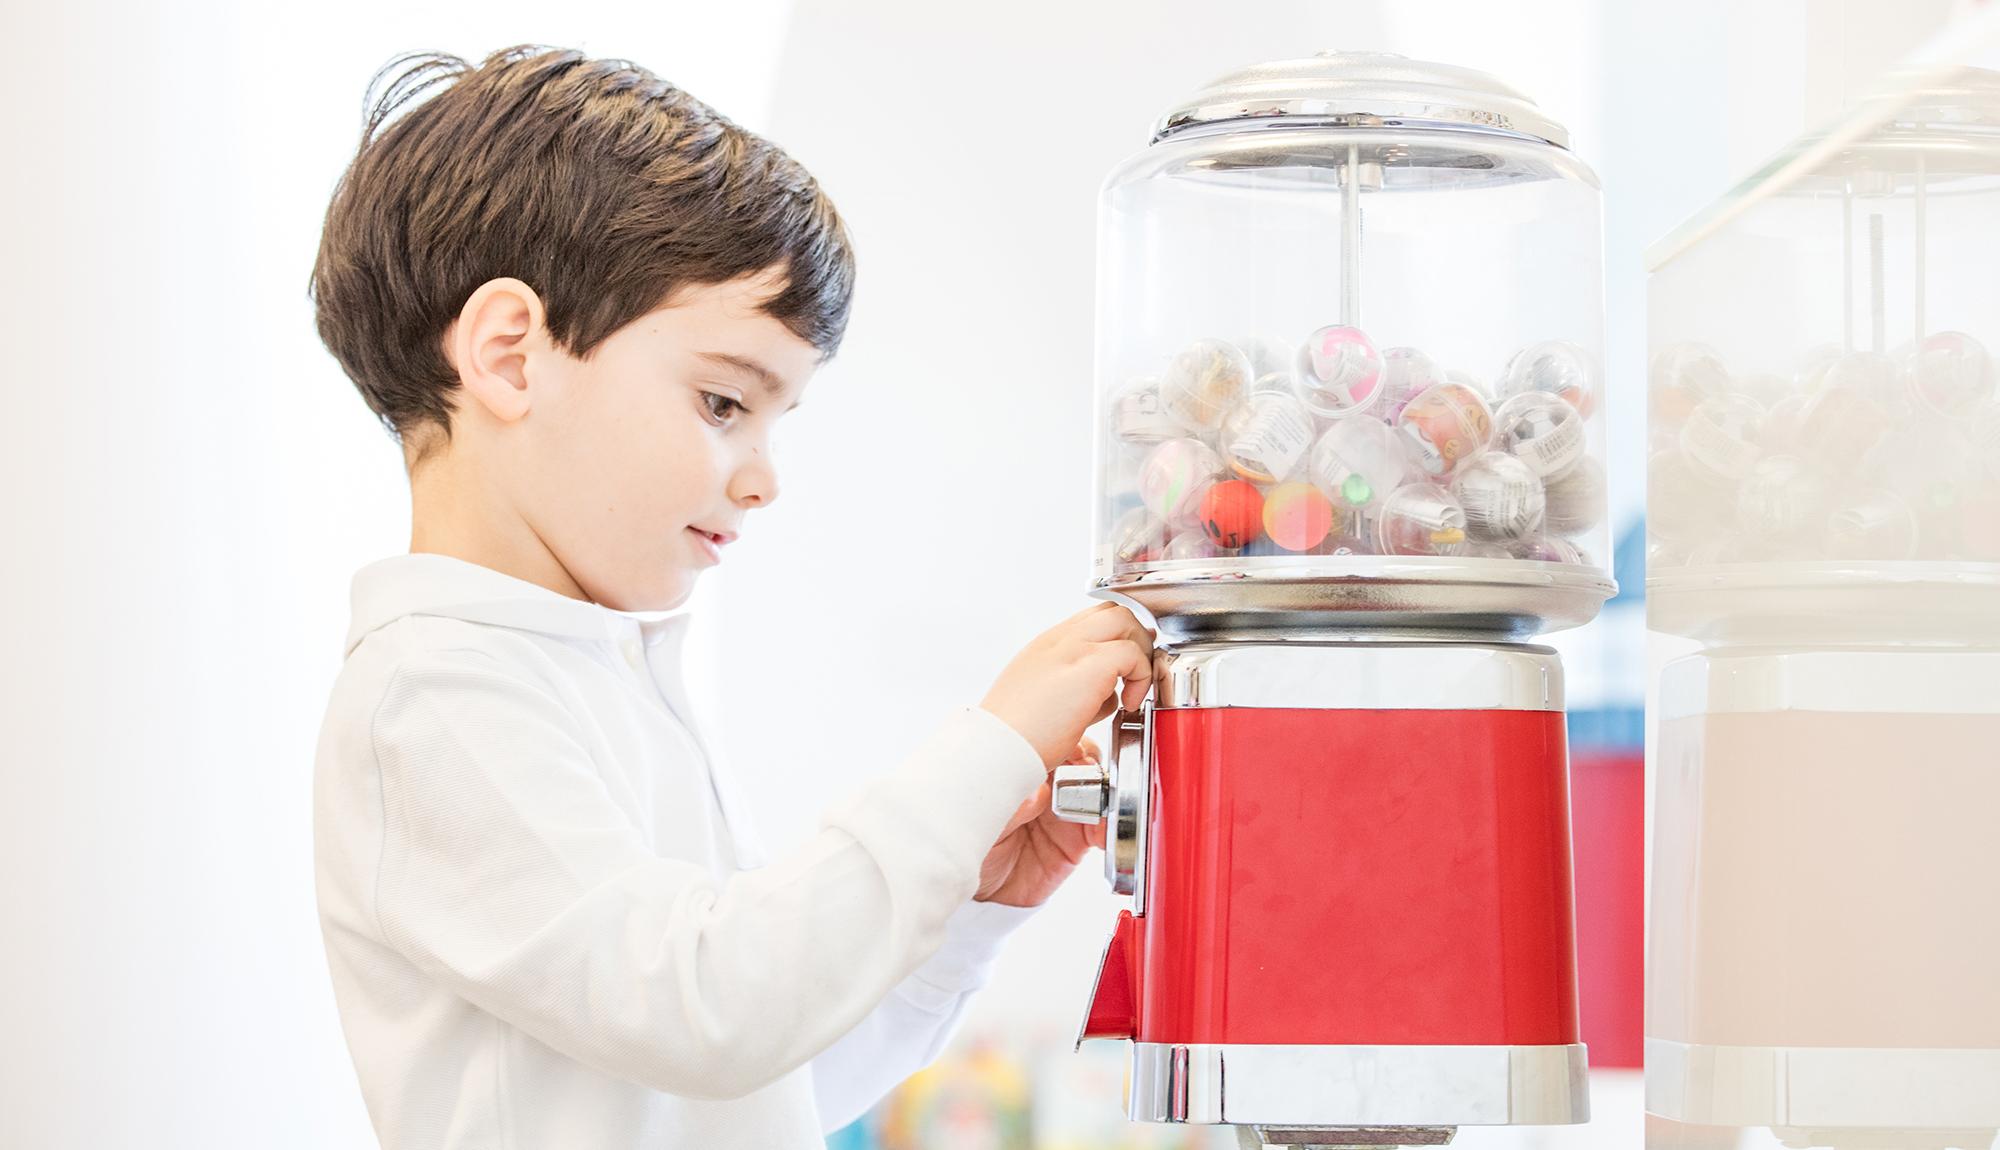 Speicheltest auf Karieskeime Kinderzahnarzt Muenchen